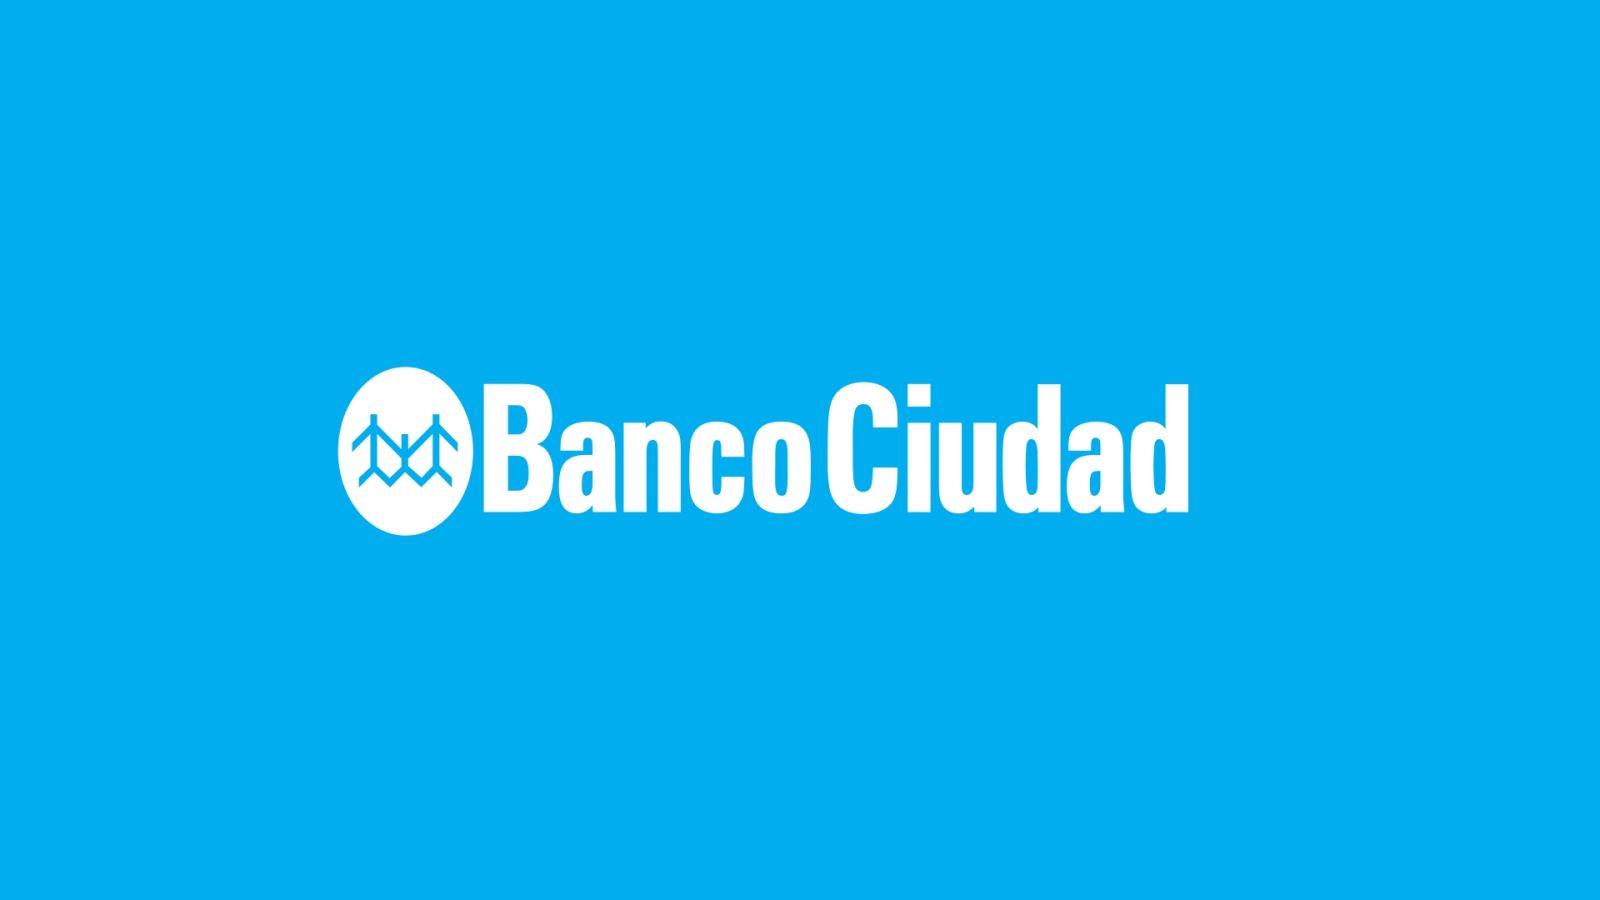 BancoCiudad